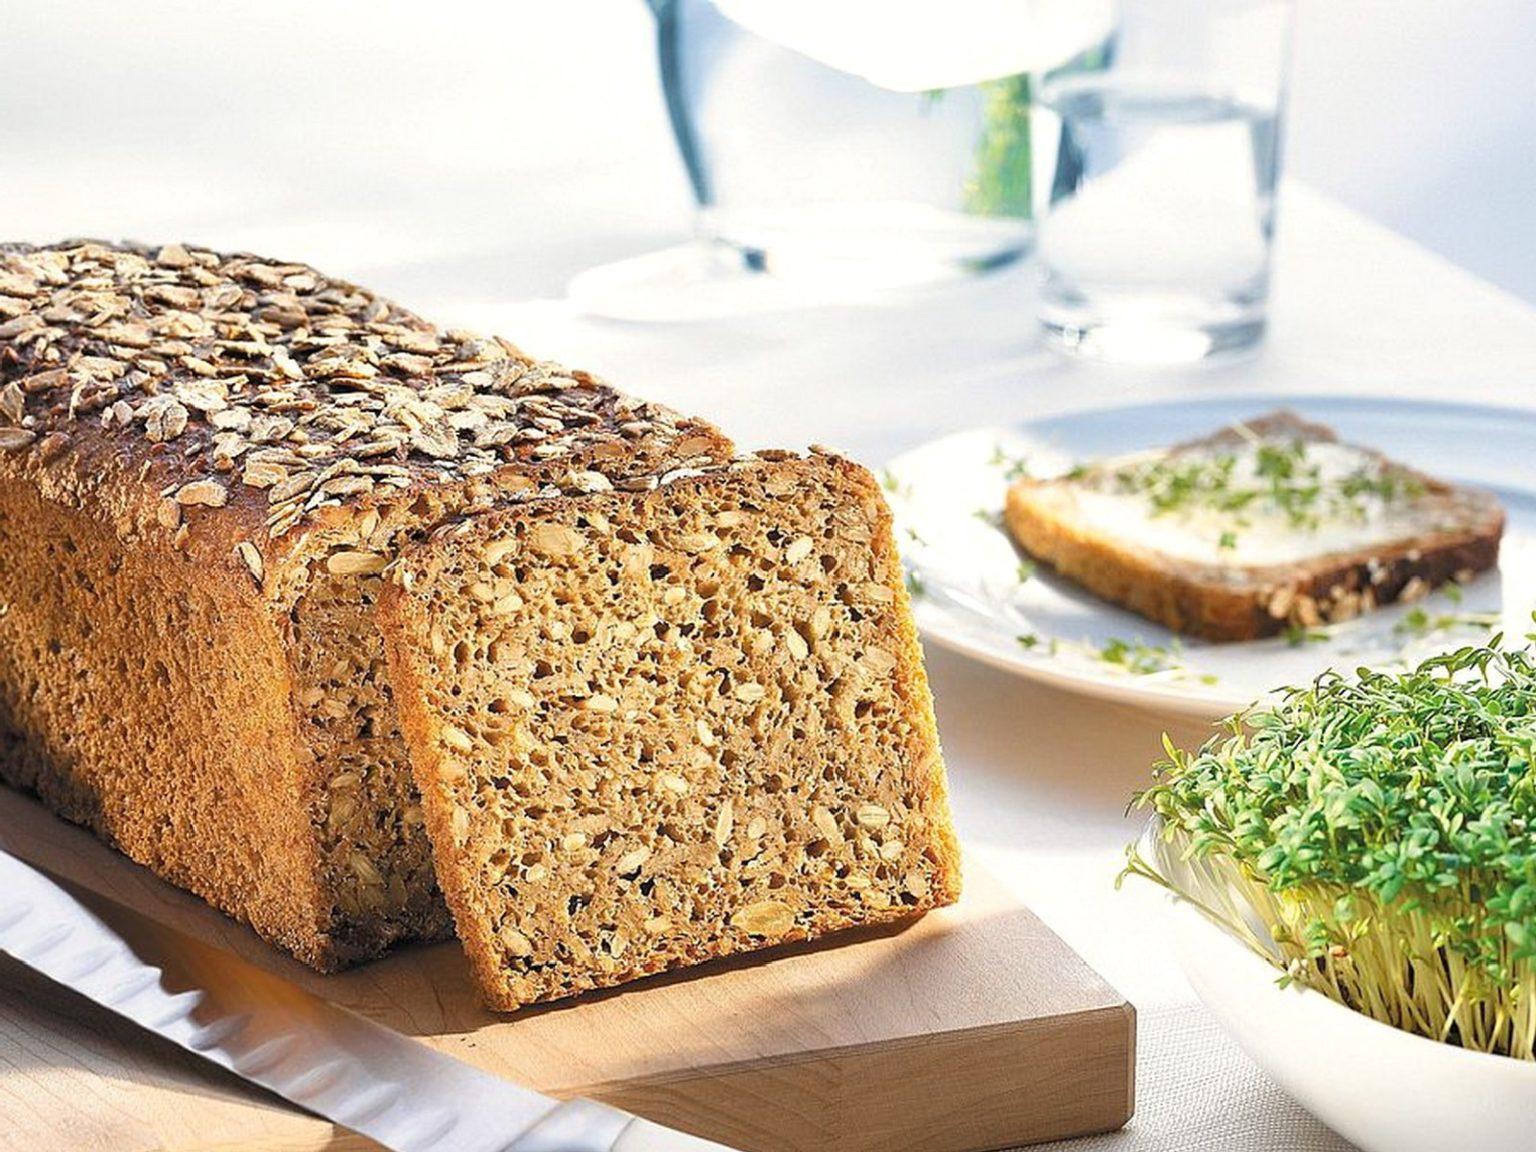 цельнозерновой хлеб ускоряет метаболизм